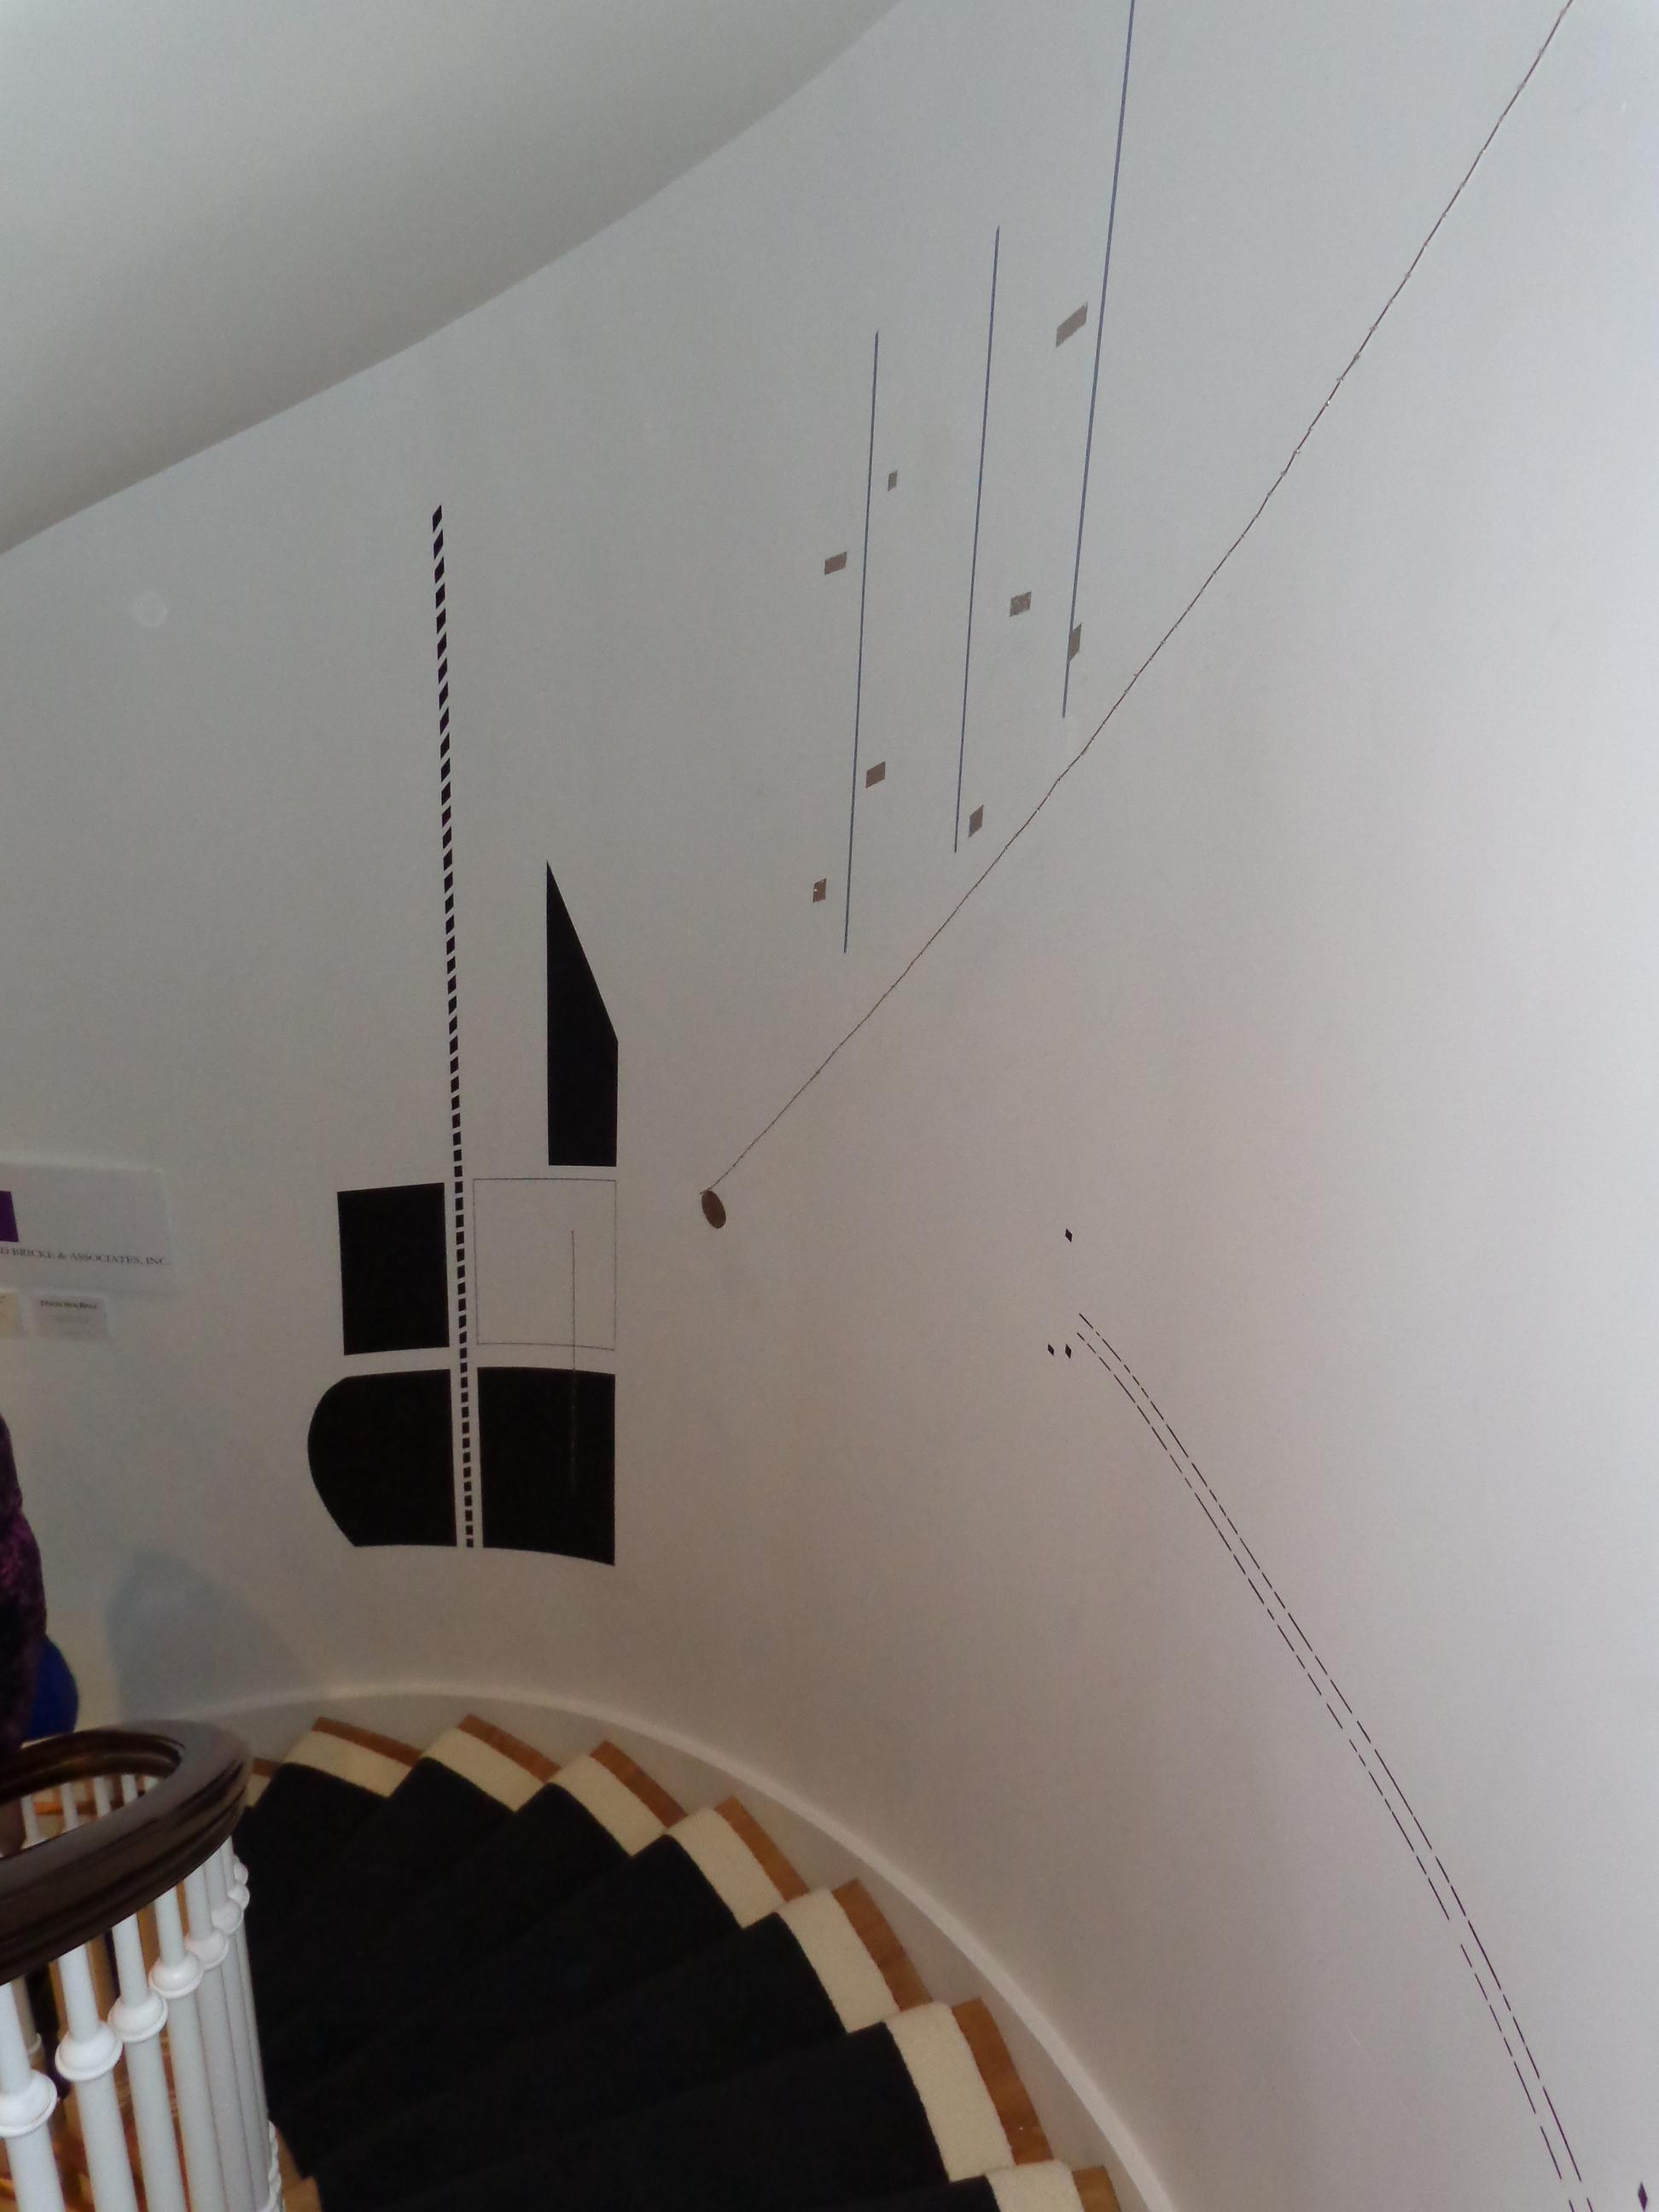 dsc02327 - Painted Wood Castle 2015